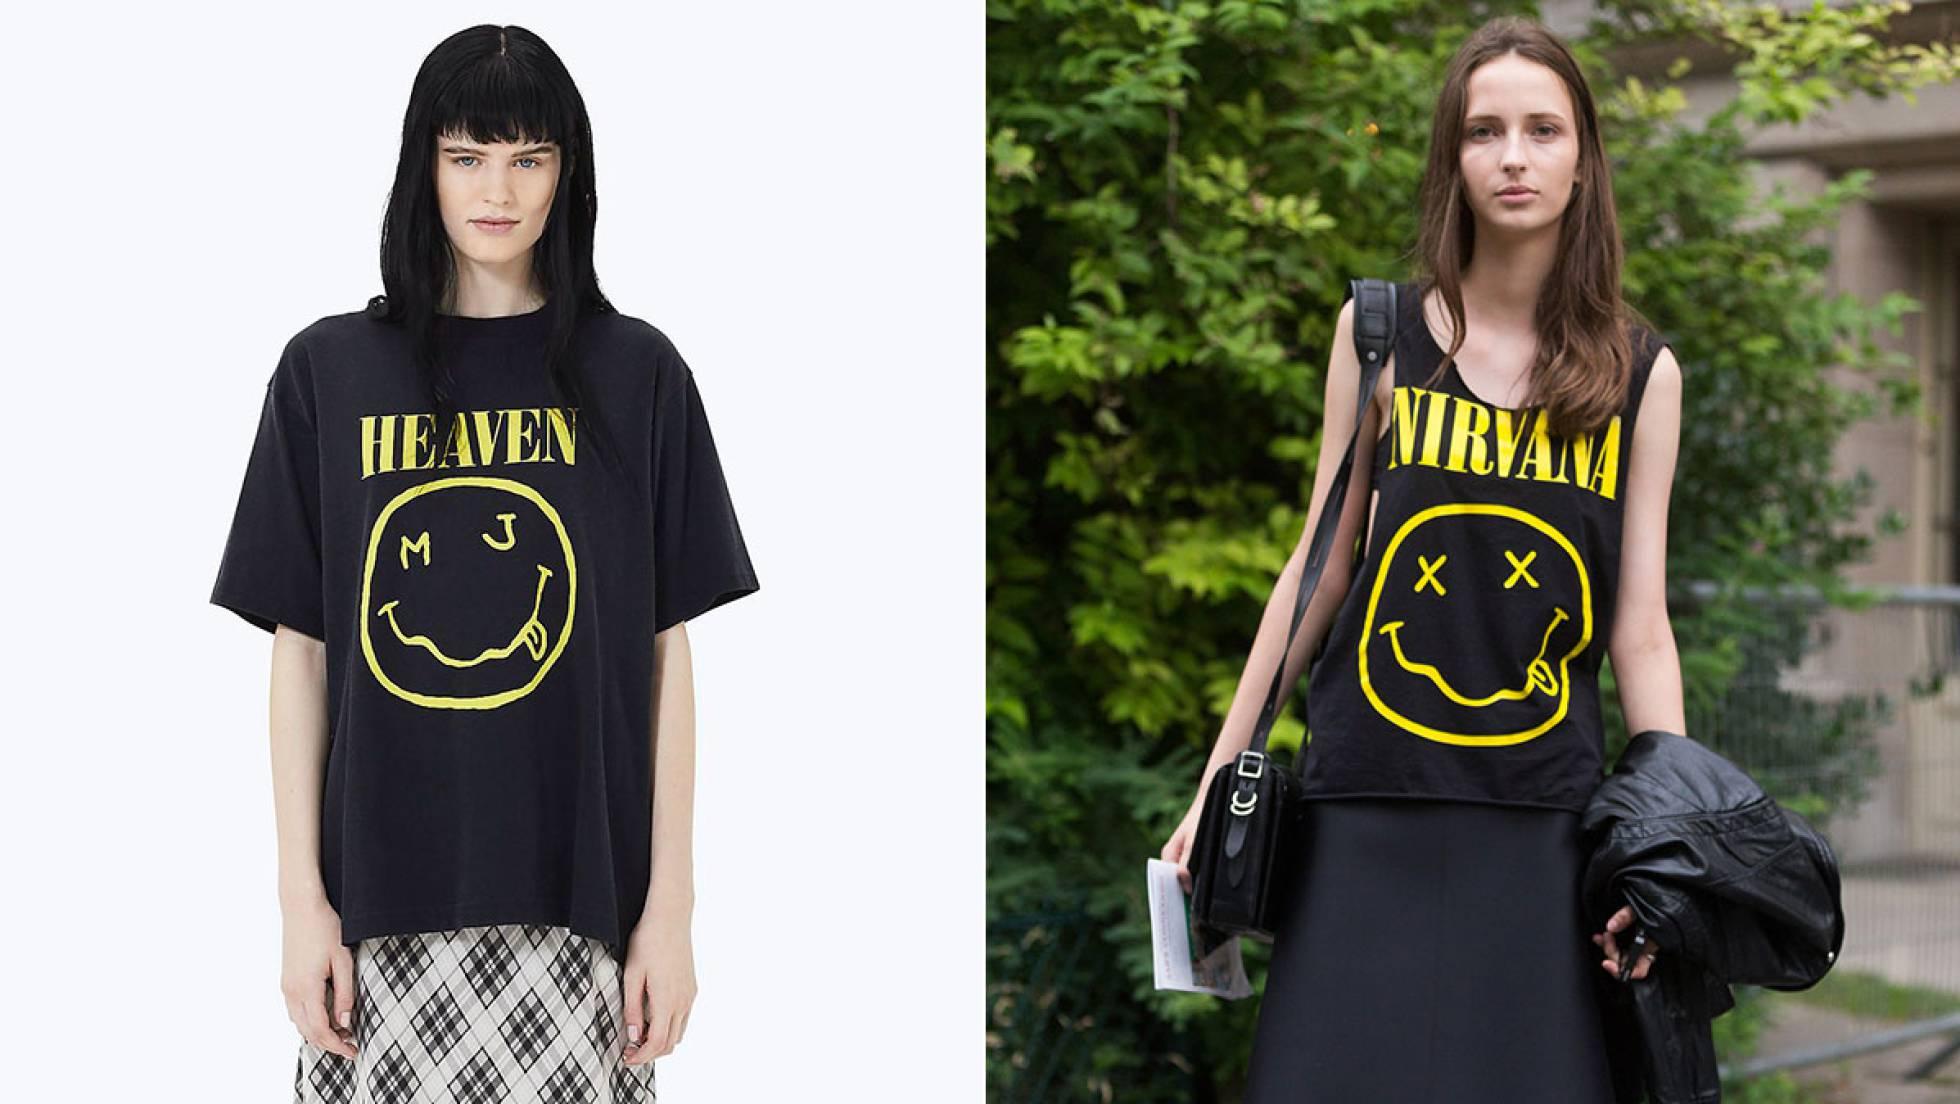 La camiseta de Marc Jacobs y, a la derecha, una modelo con la camiseta original de Nirvana. MARC JACOBS / GETTY